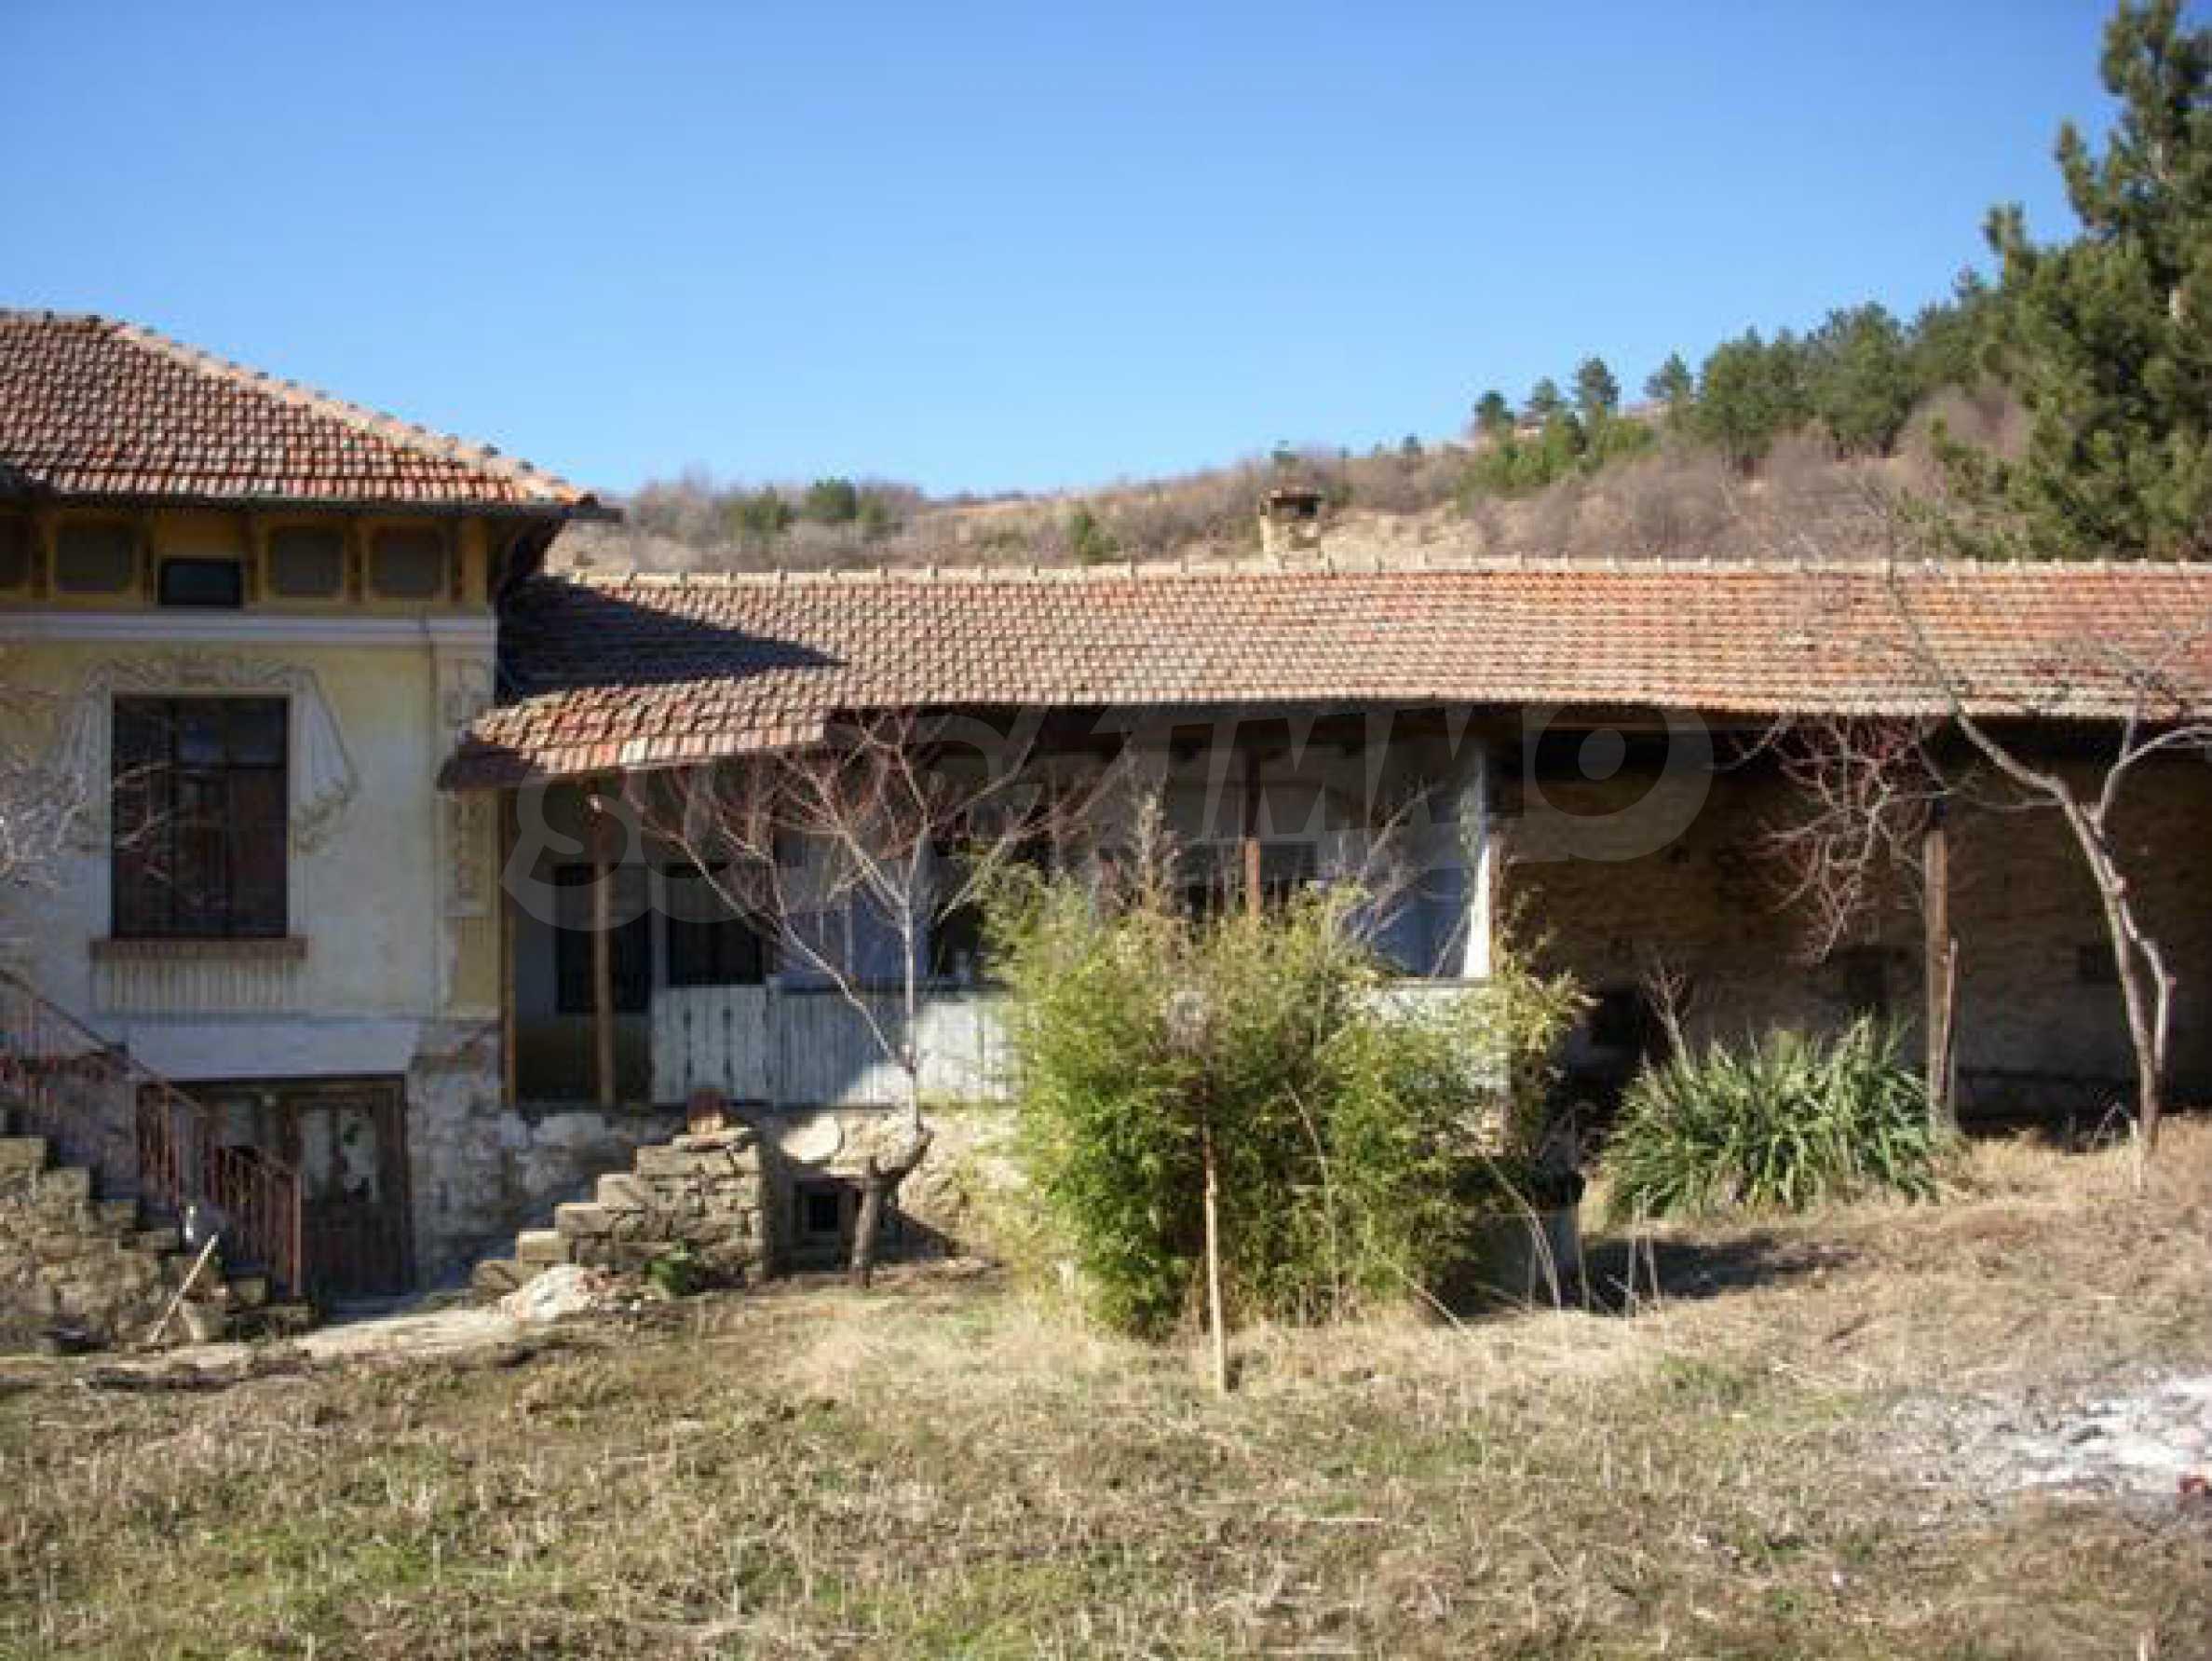 Geräumiges Haus mit einem ehemaligen Weinkeller zur Renovierung in der Nähe der Stadt Pavlikeni 2